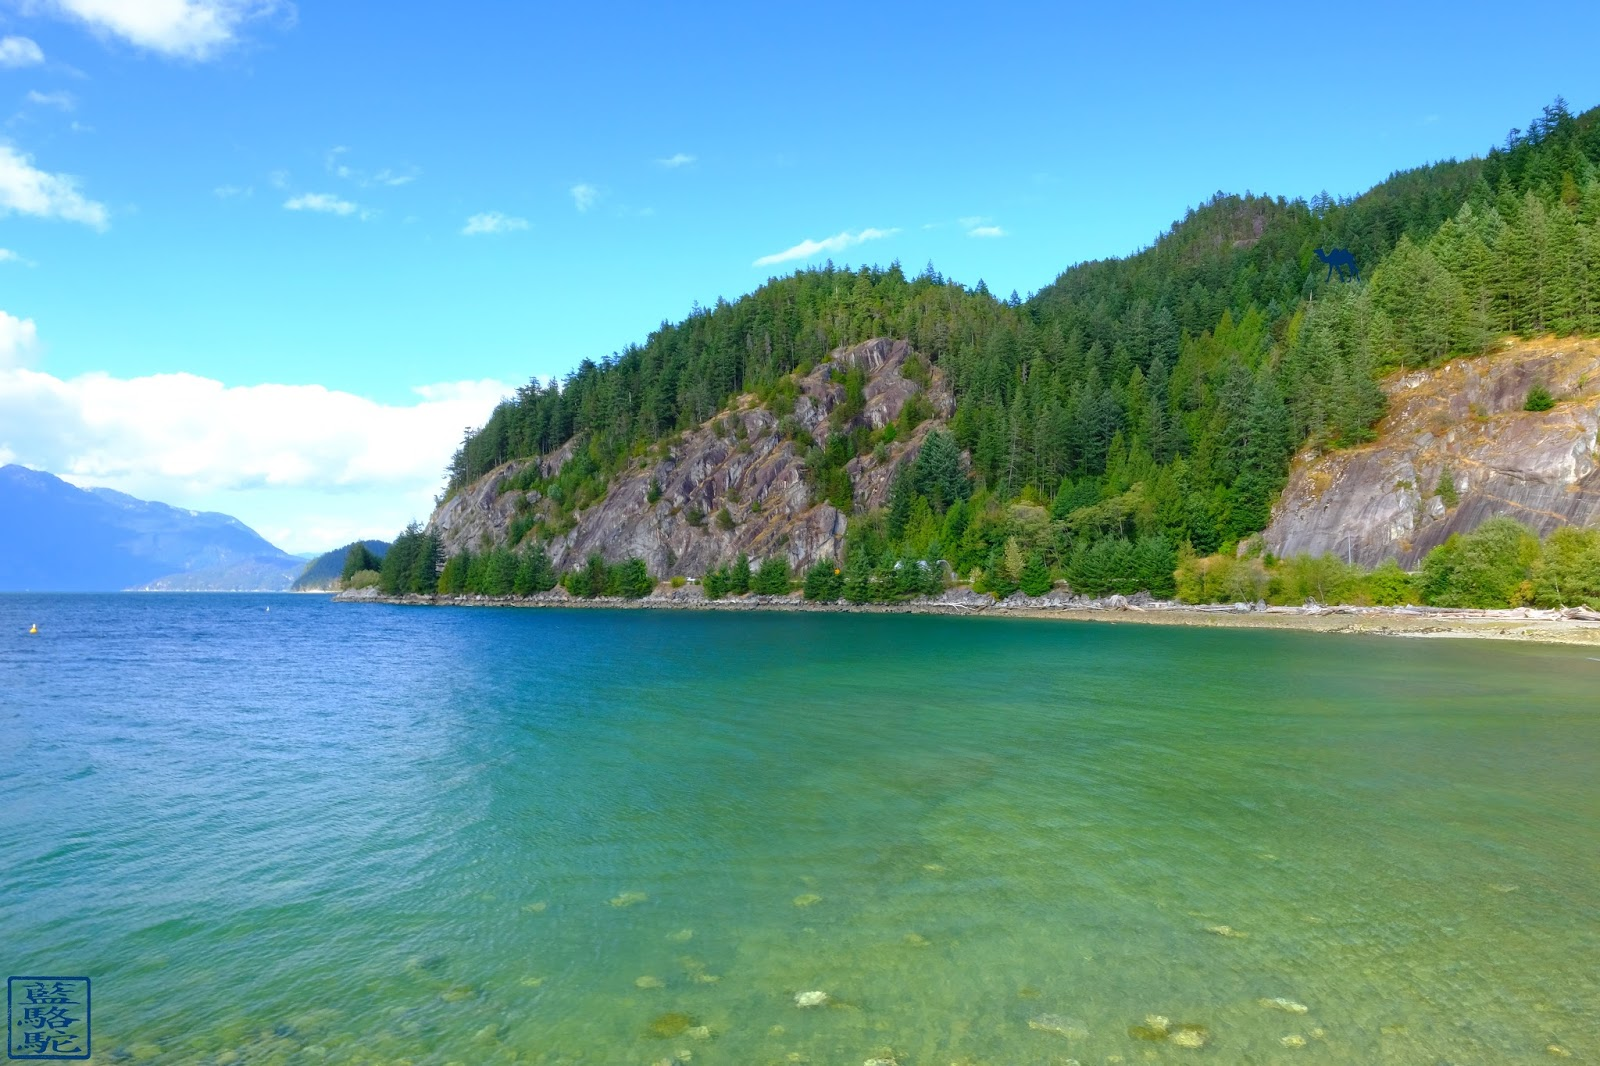 Le Chameau Bleu - Les eaux de Porteau Cove